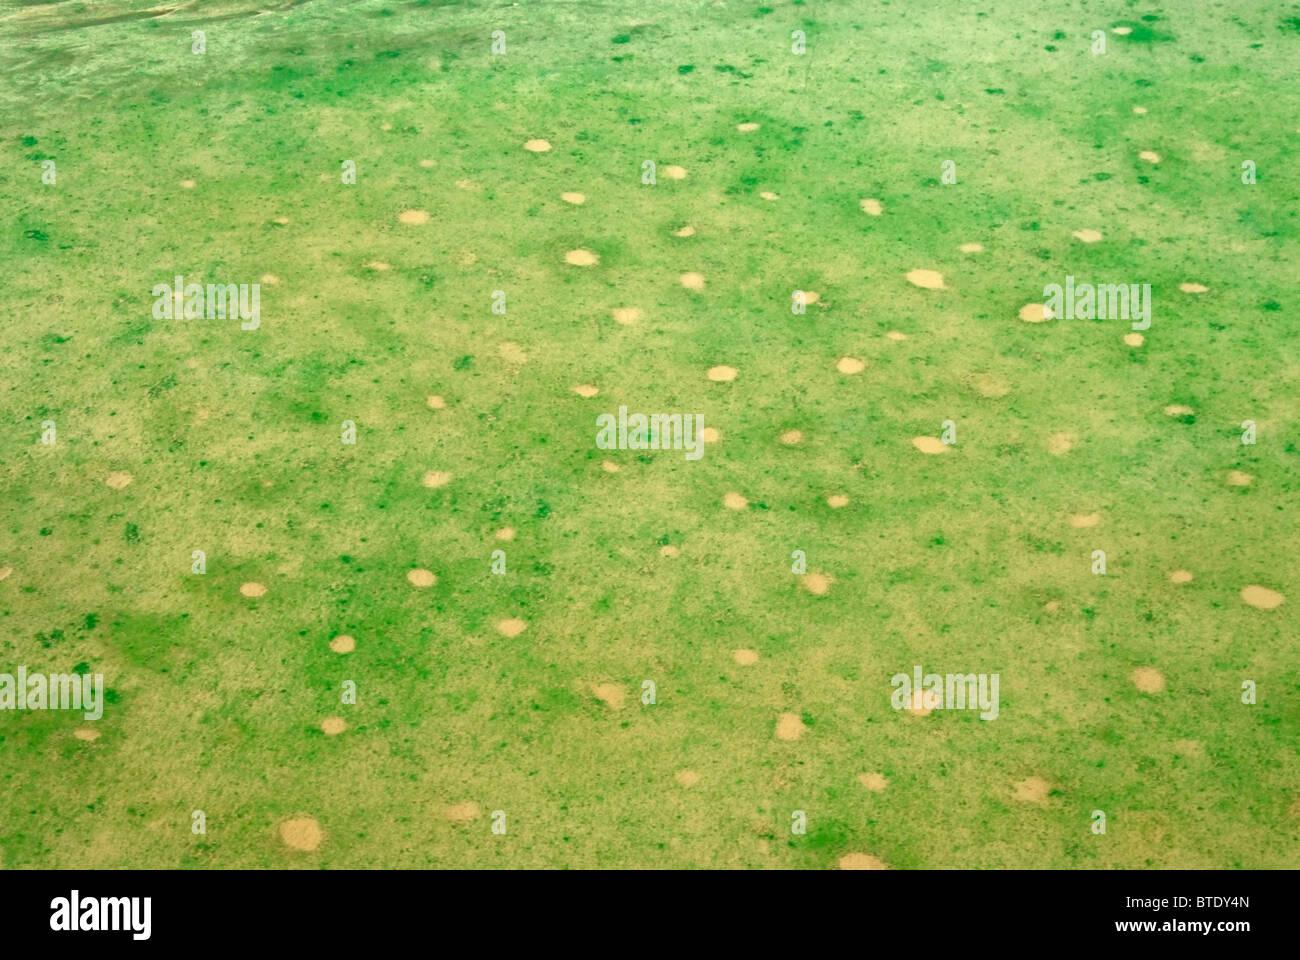 Antenna vista panoramica di fairy cerchi e verde a filo da recenti piogge Foto Stock